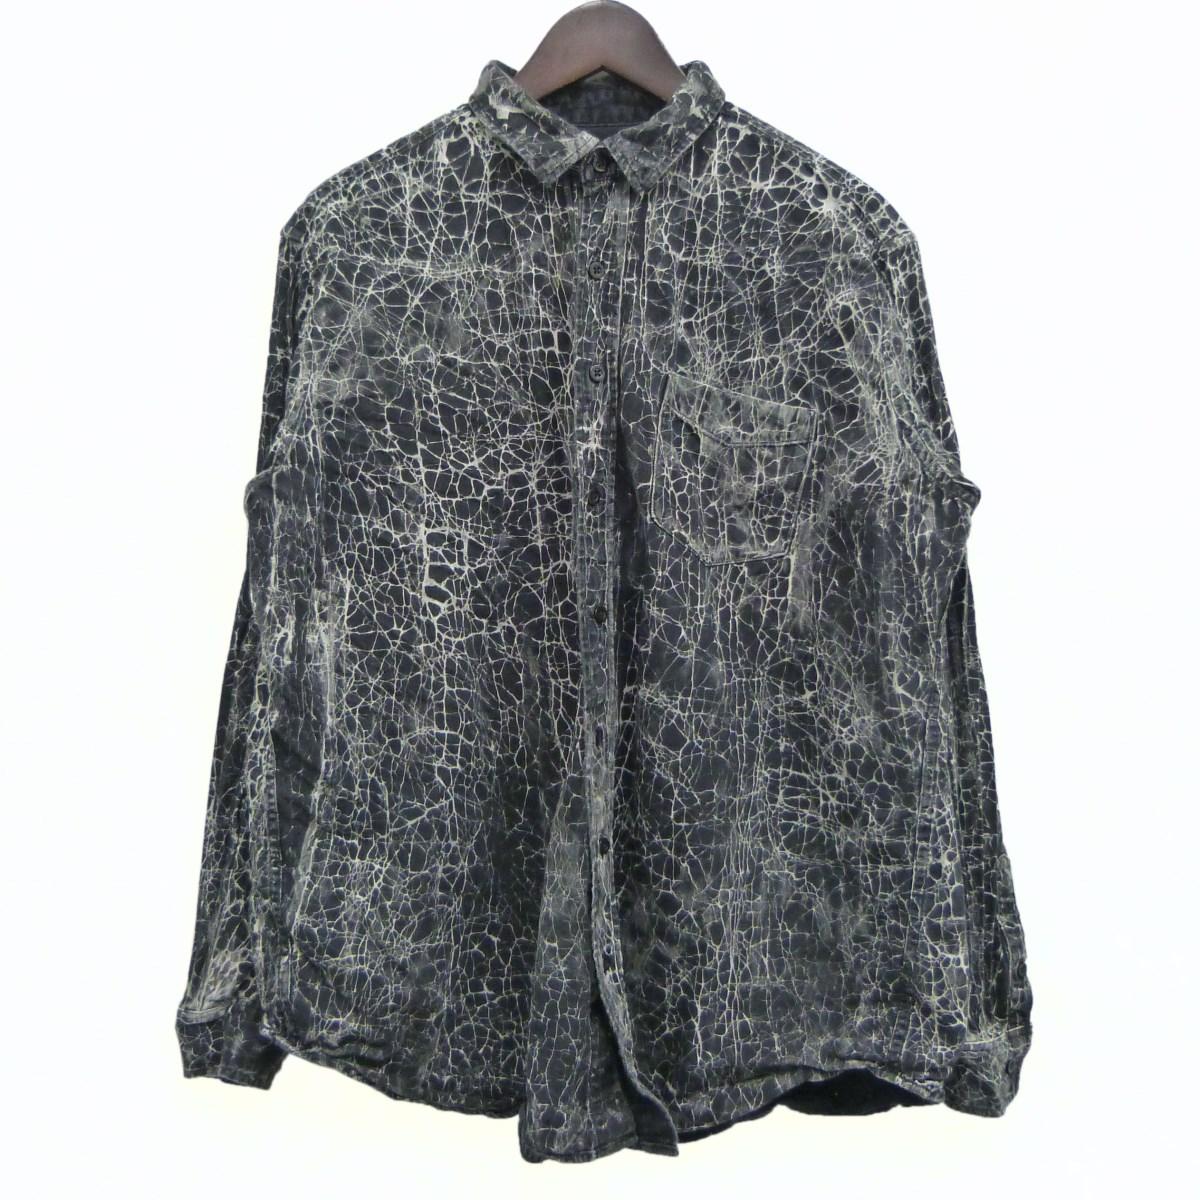 【中古】MINEDENIM クラックシャツ ブラック サイズ:2 【070320】(マインデニム)